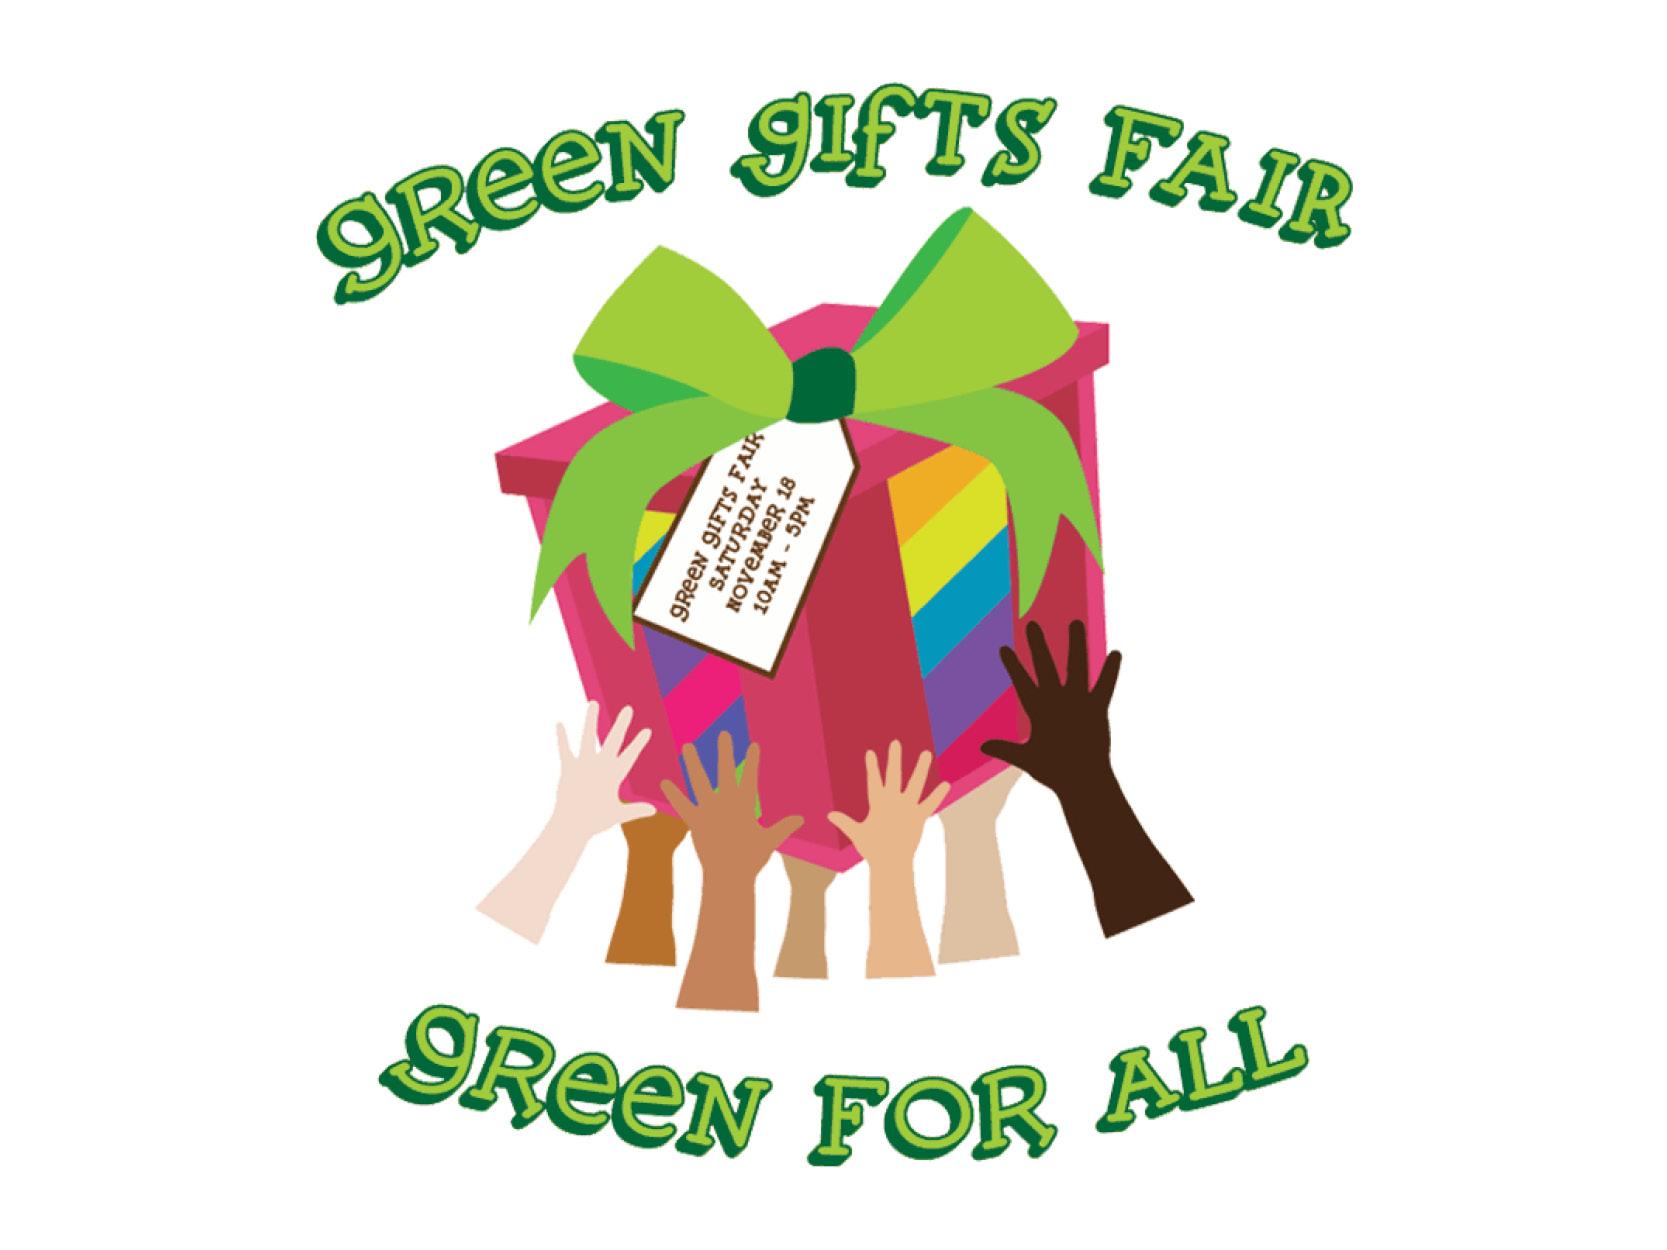 Green Gifts Fair